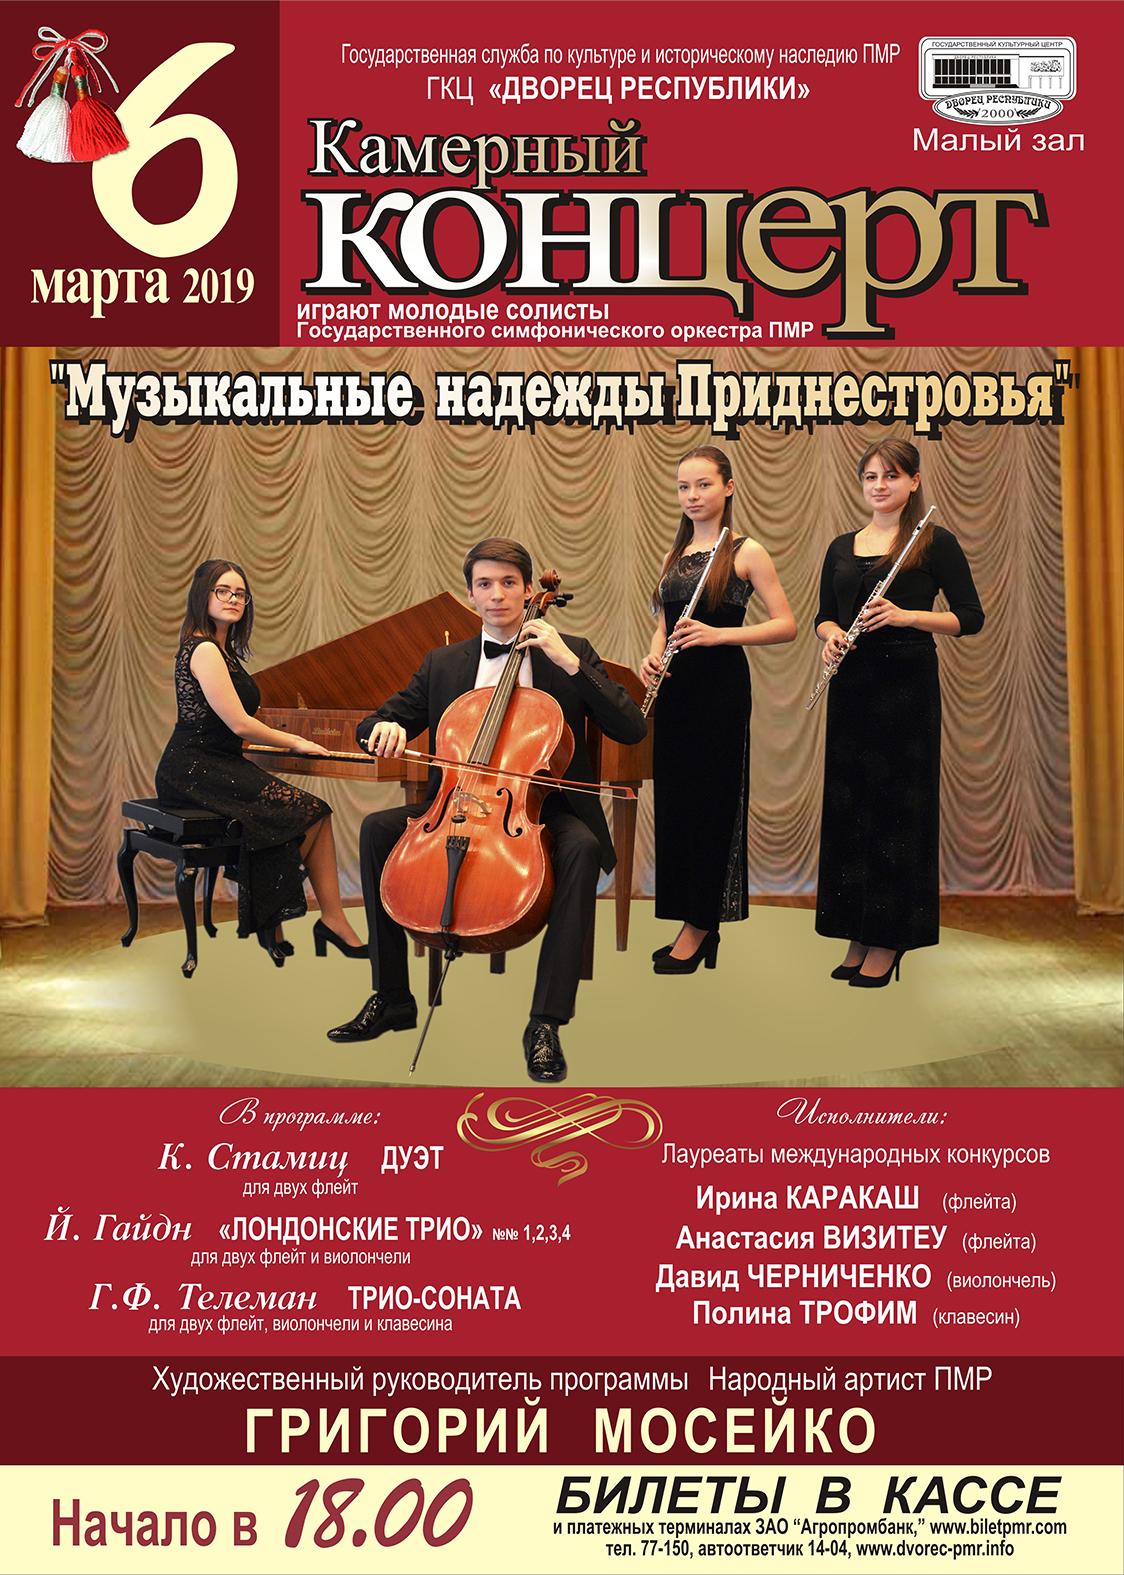 Музыкальные надежды Приднестровья